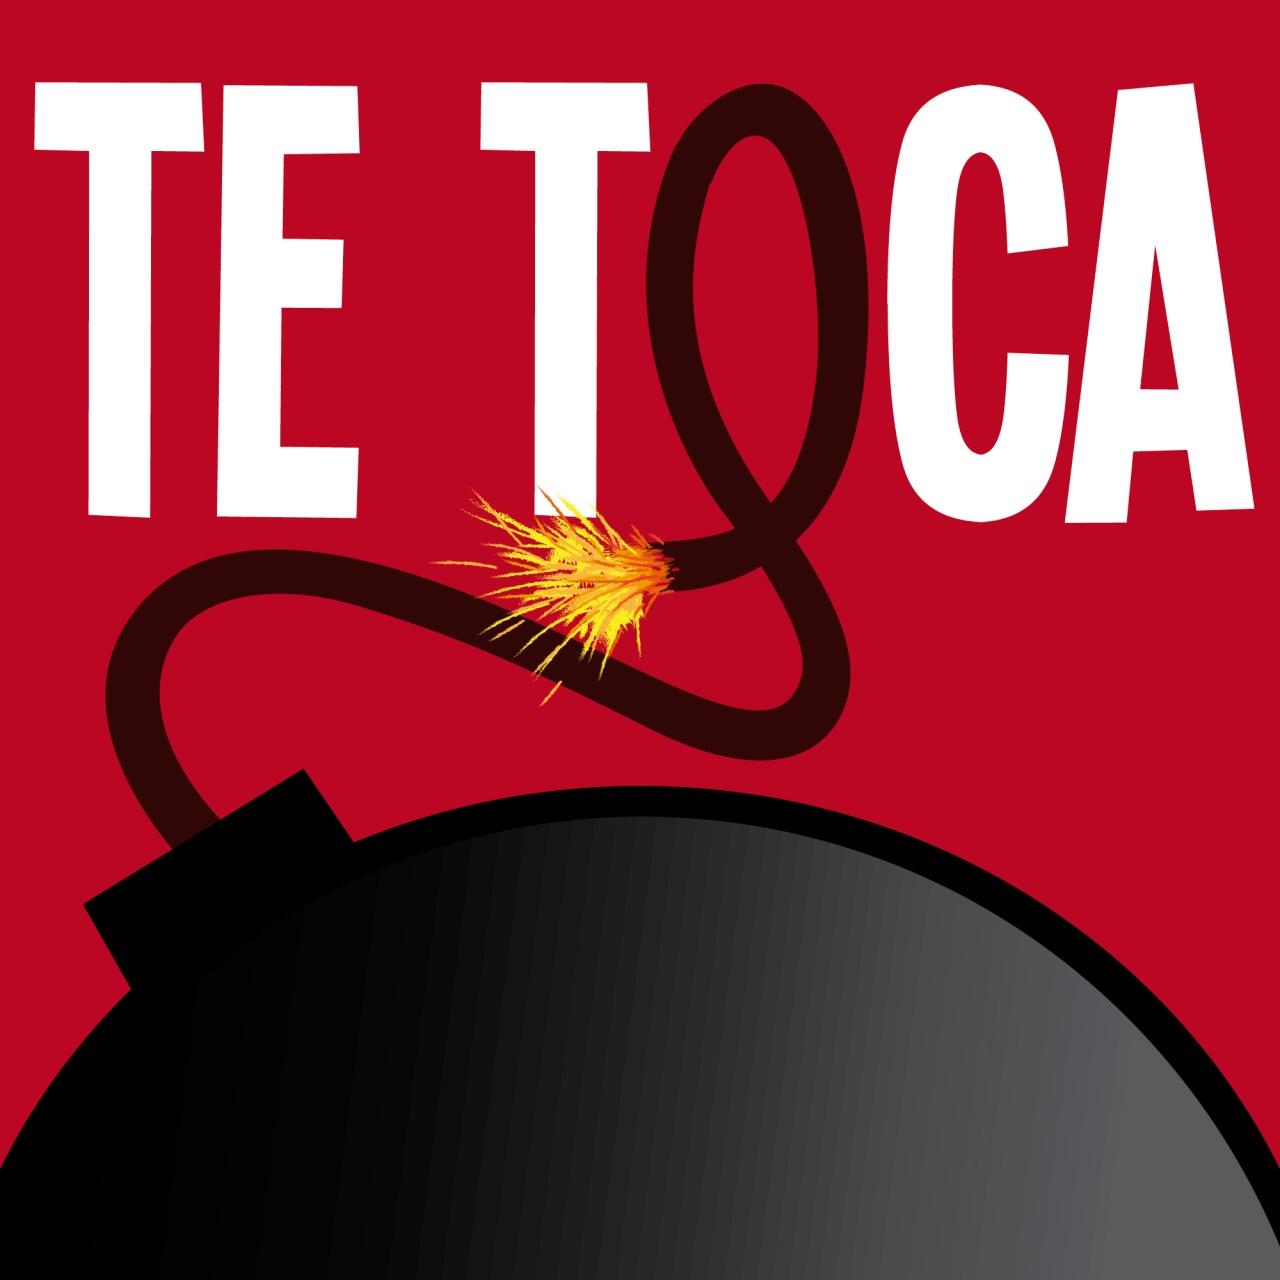 Logo de Tetoca